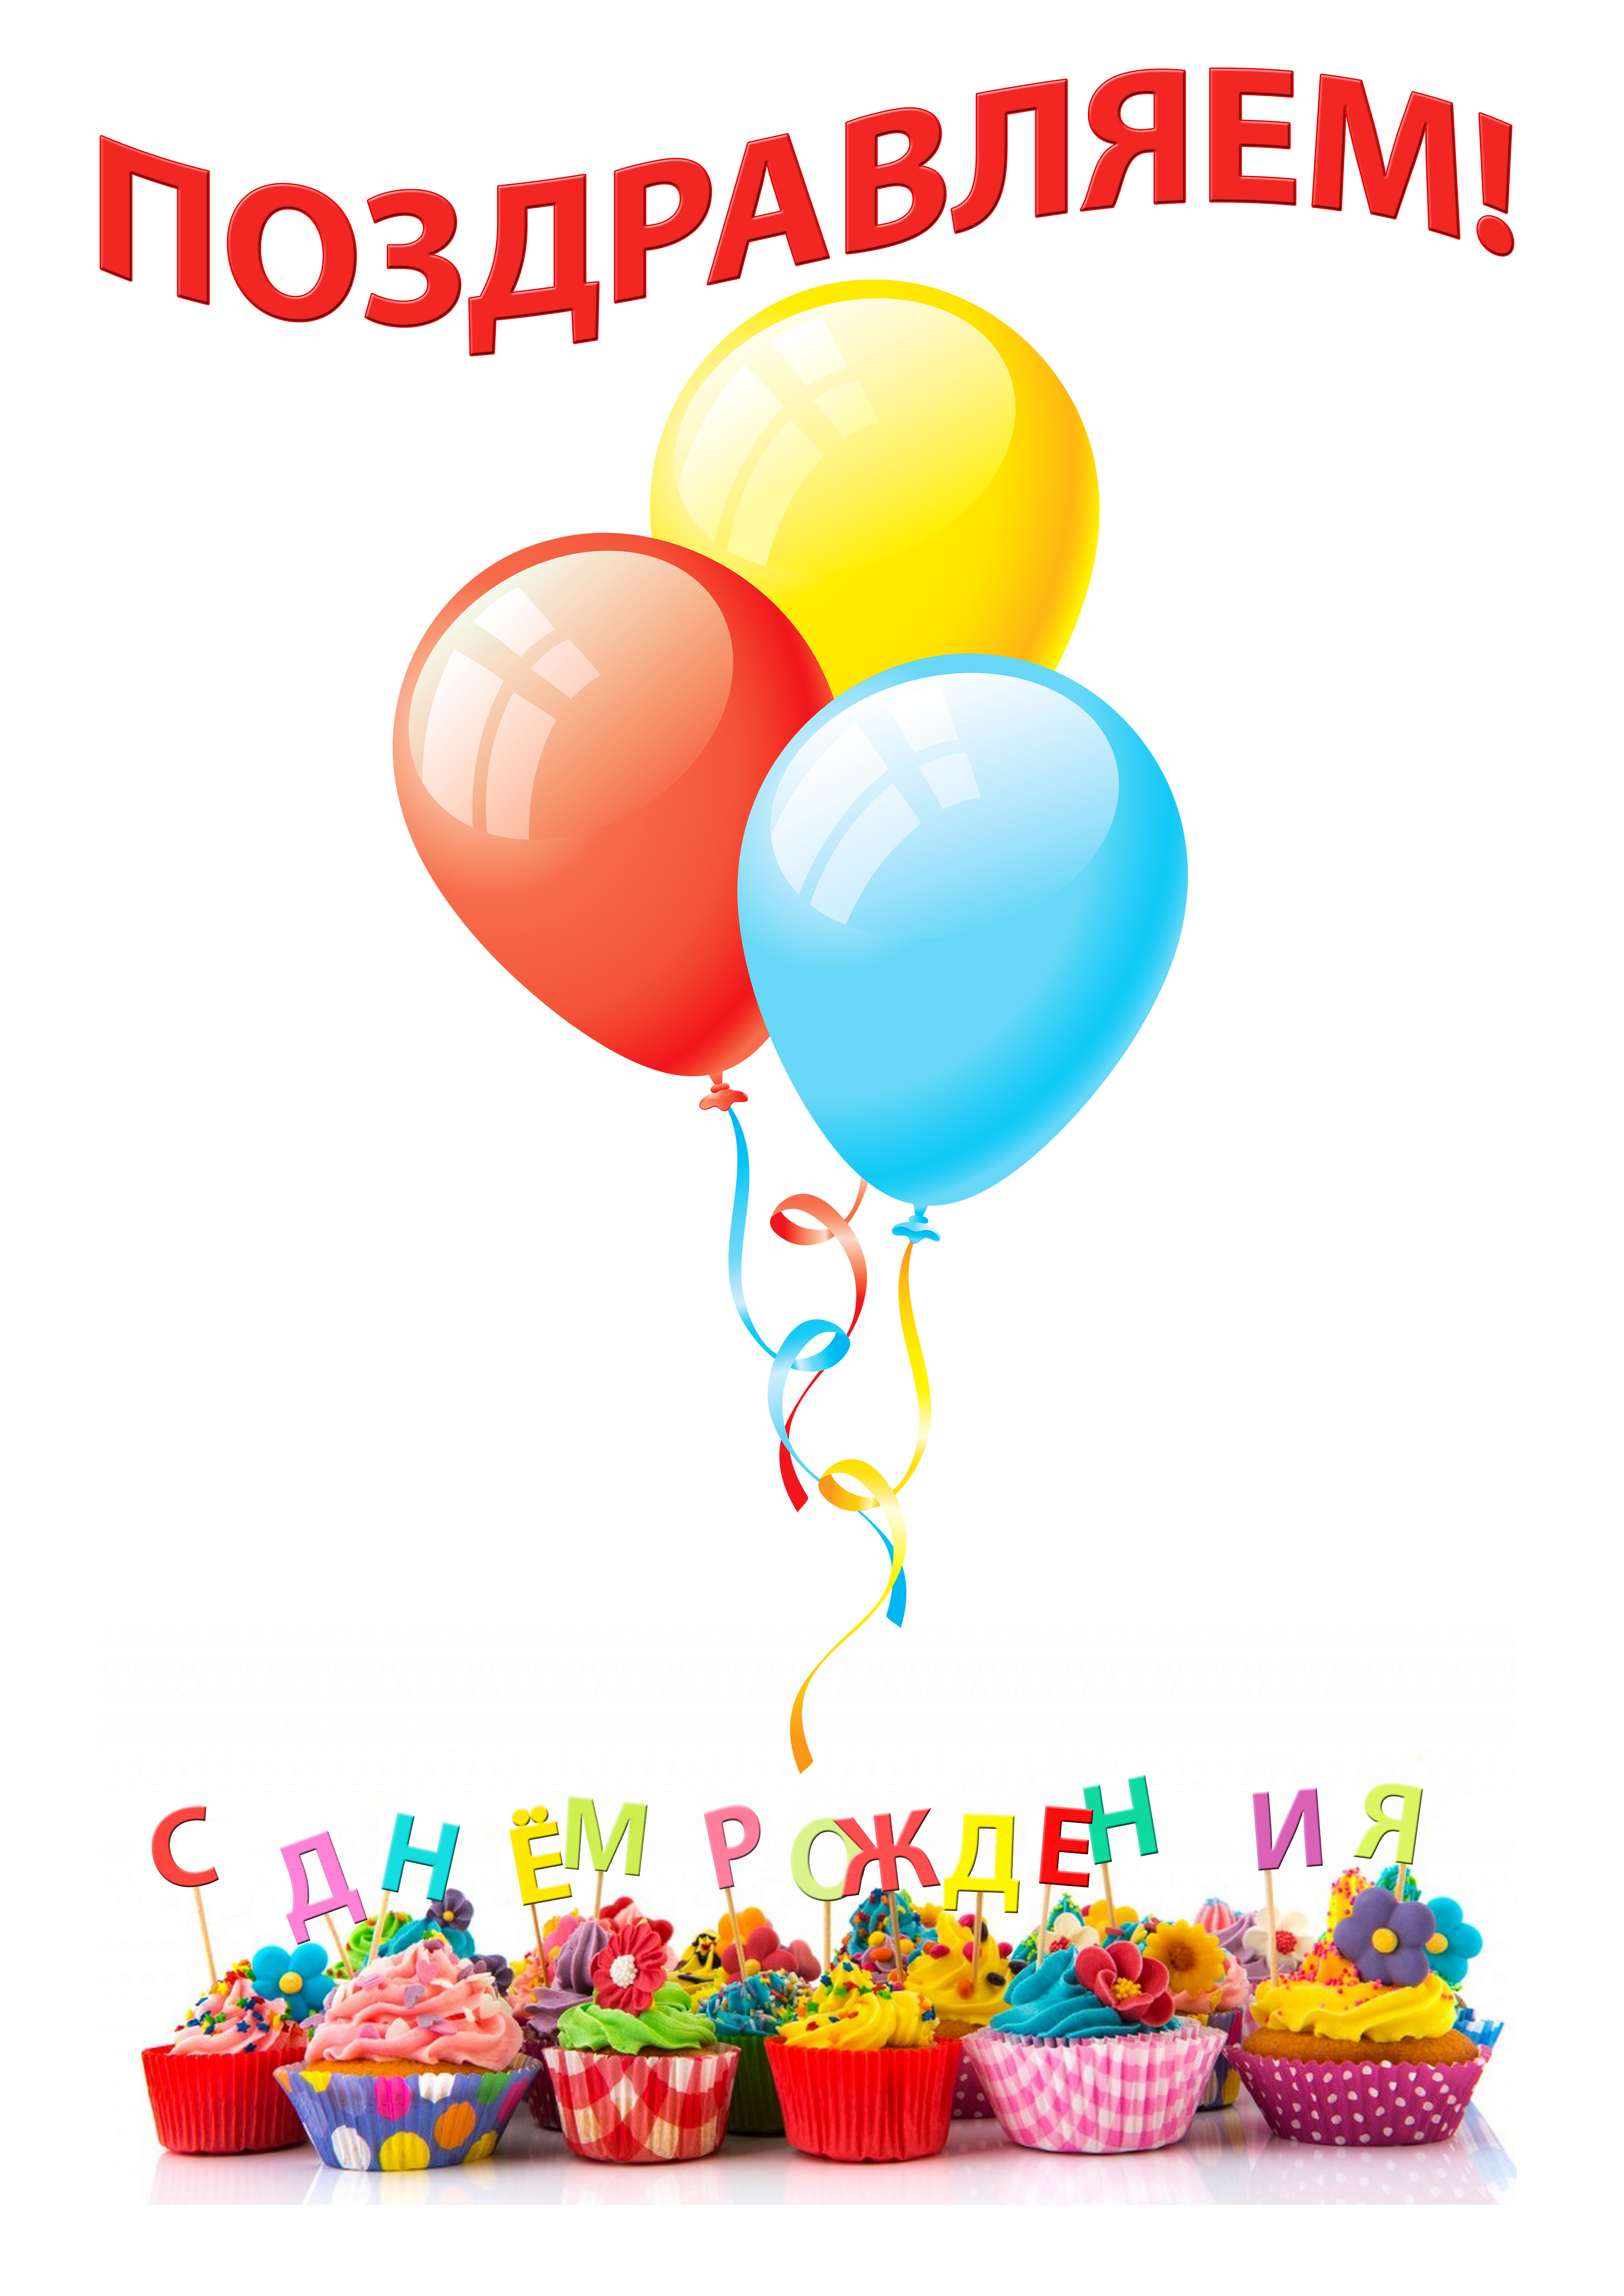 Поздравления с днем рождения на юбелей